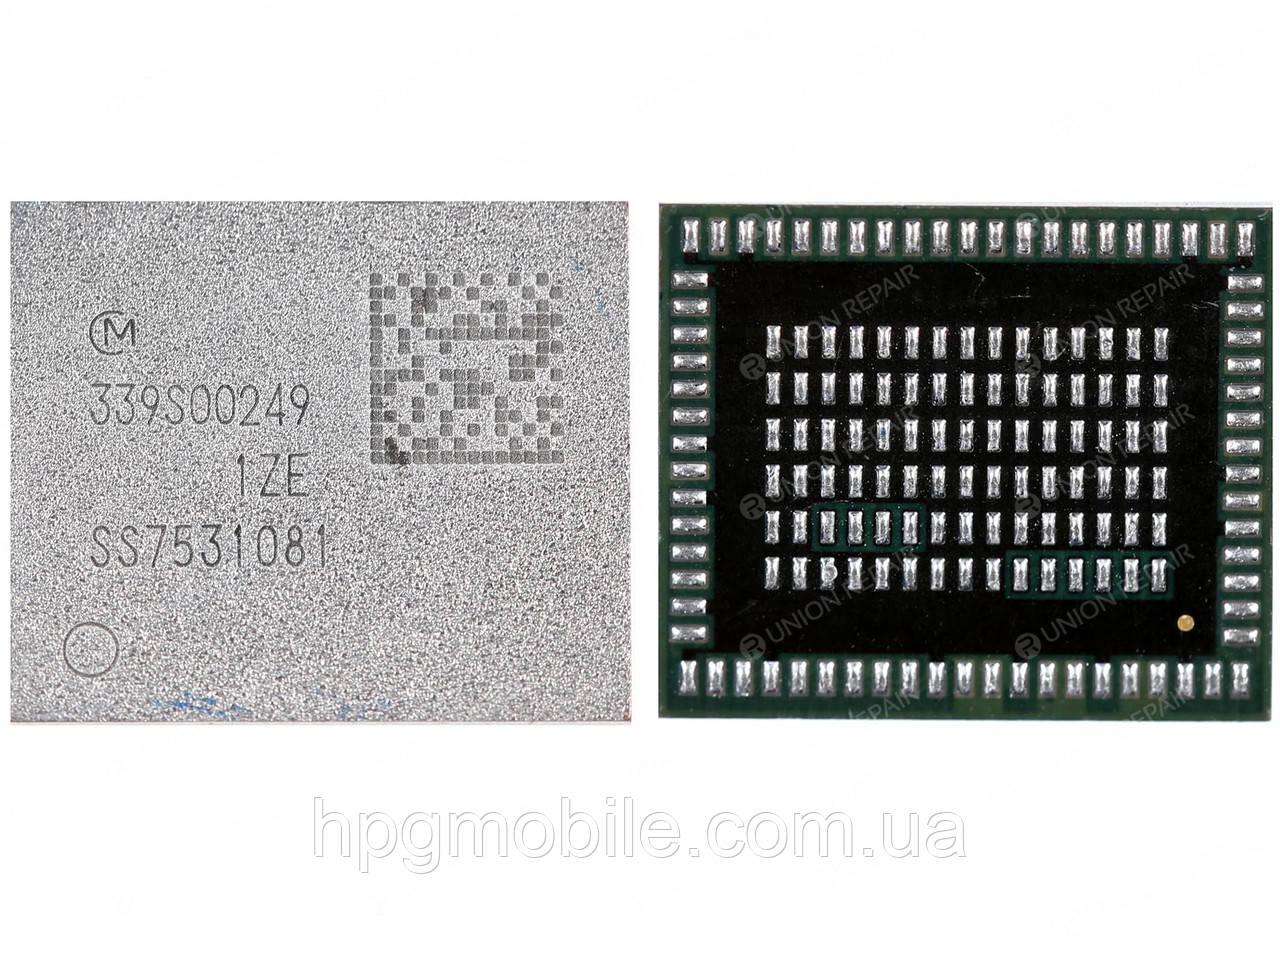 """Микросхема управления Wi-Fi 339S00249 для планшетов iPad Pro 12.9"""", 2-го поколения (2ND), оригинал"""